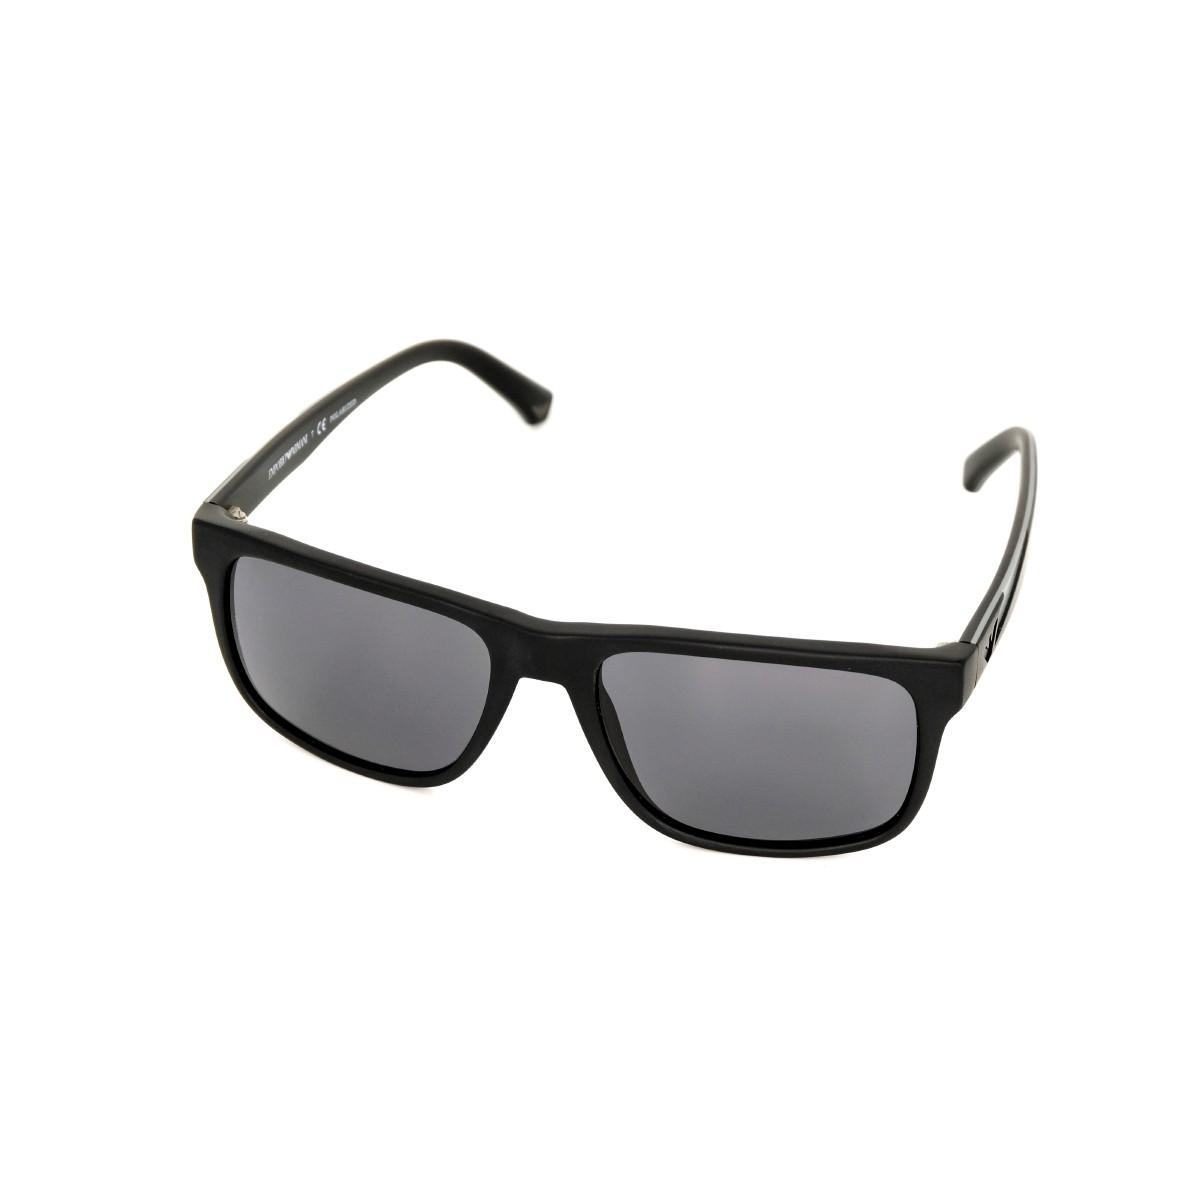 Emporio Armani 4071 nero gommato 504281, 101,00€, Occhiali Emporio Armani Nero a forma Rettangolare